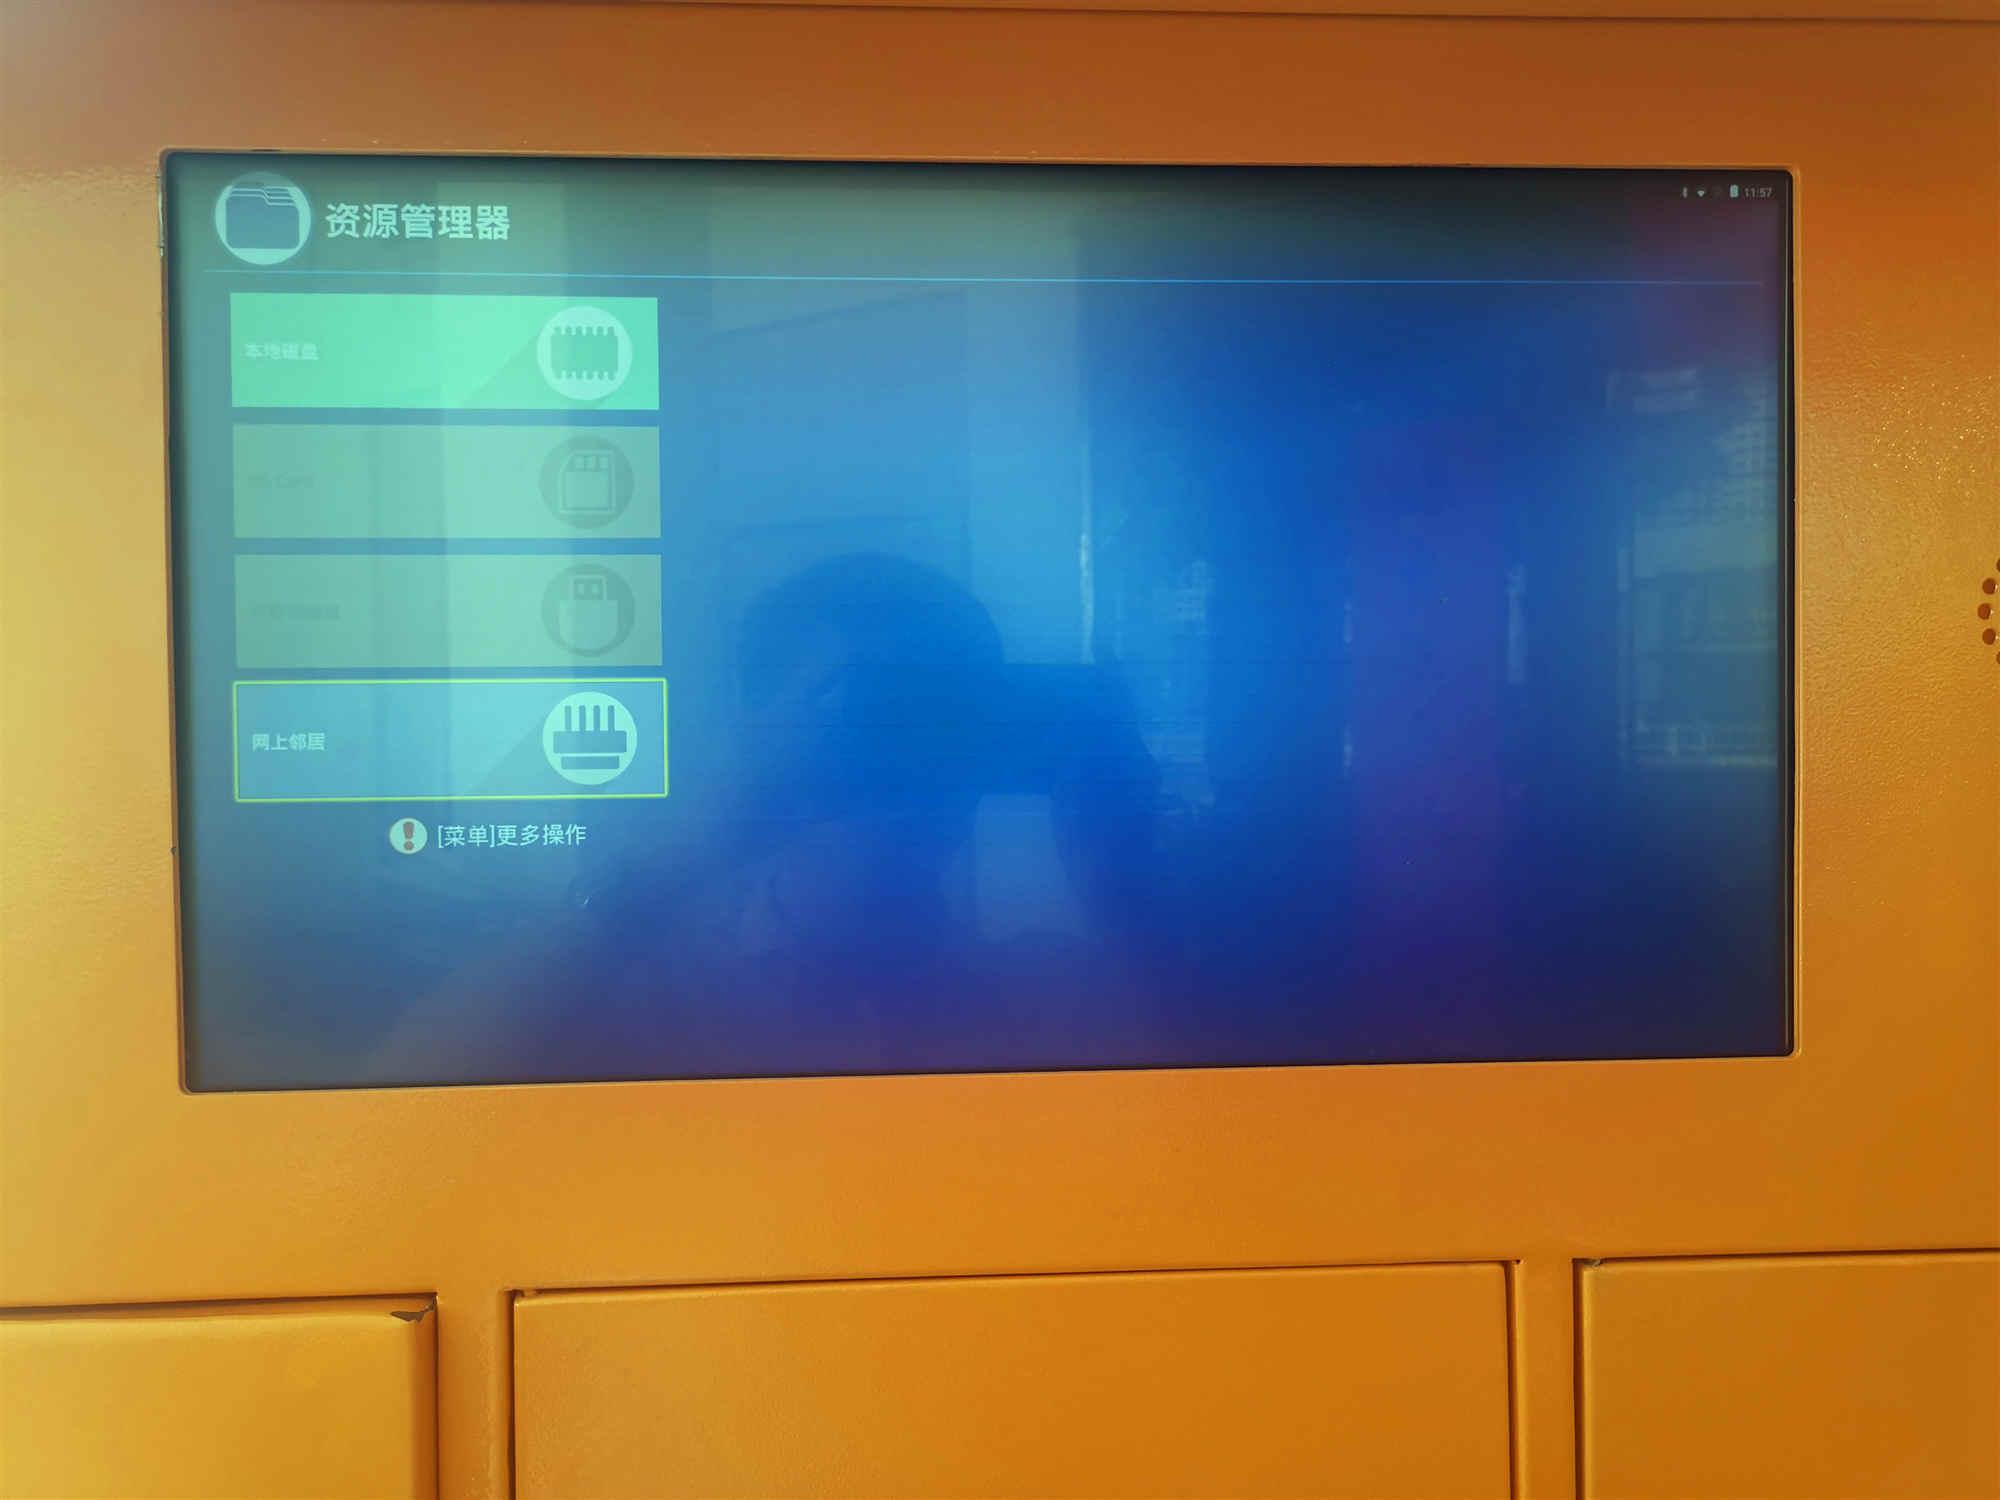 漳州智能共享换电柜外卖骑手换电柜电池换电柜请找柒航锂电池